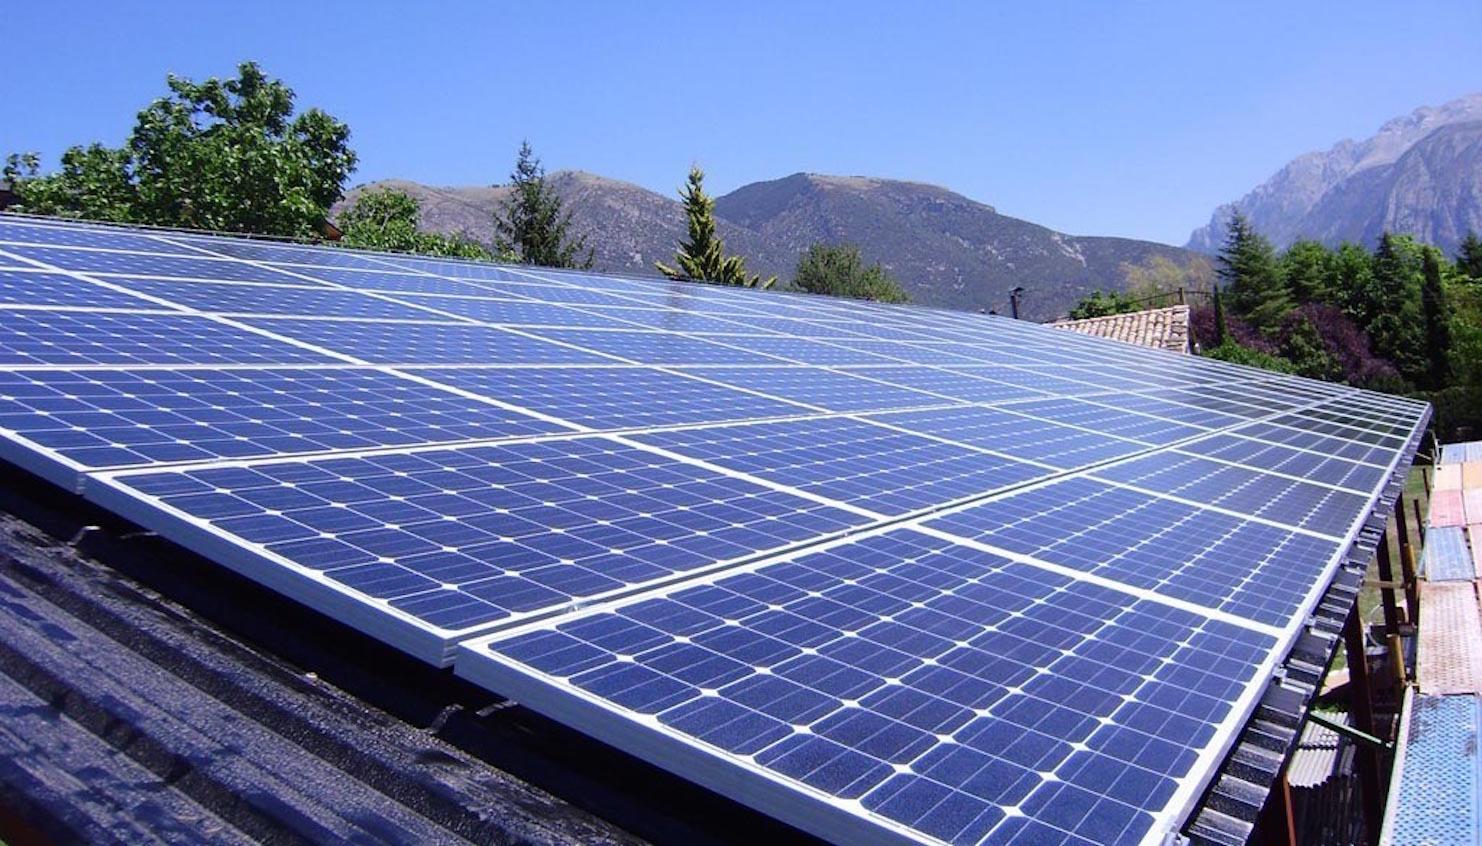 Precio de un inversor fotovoltaica 97